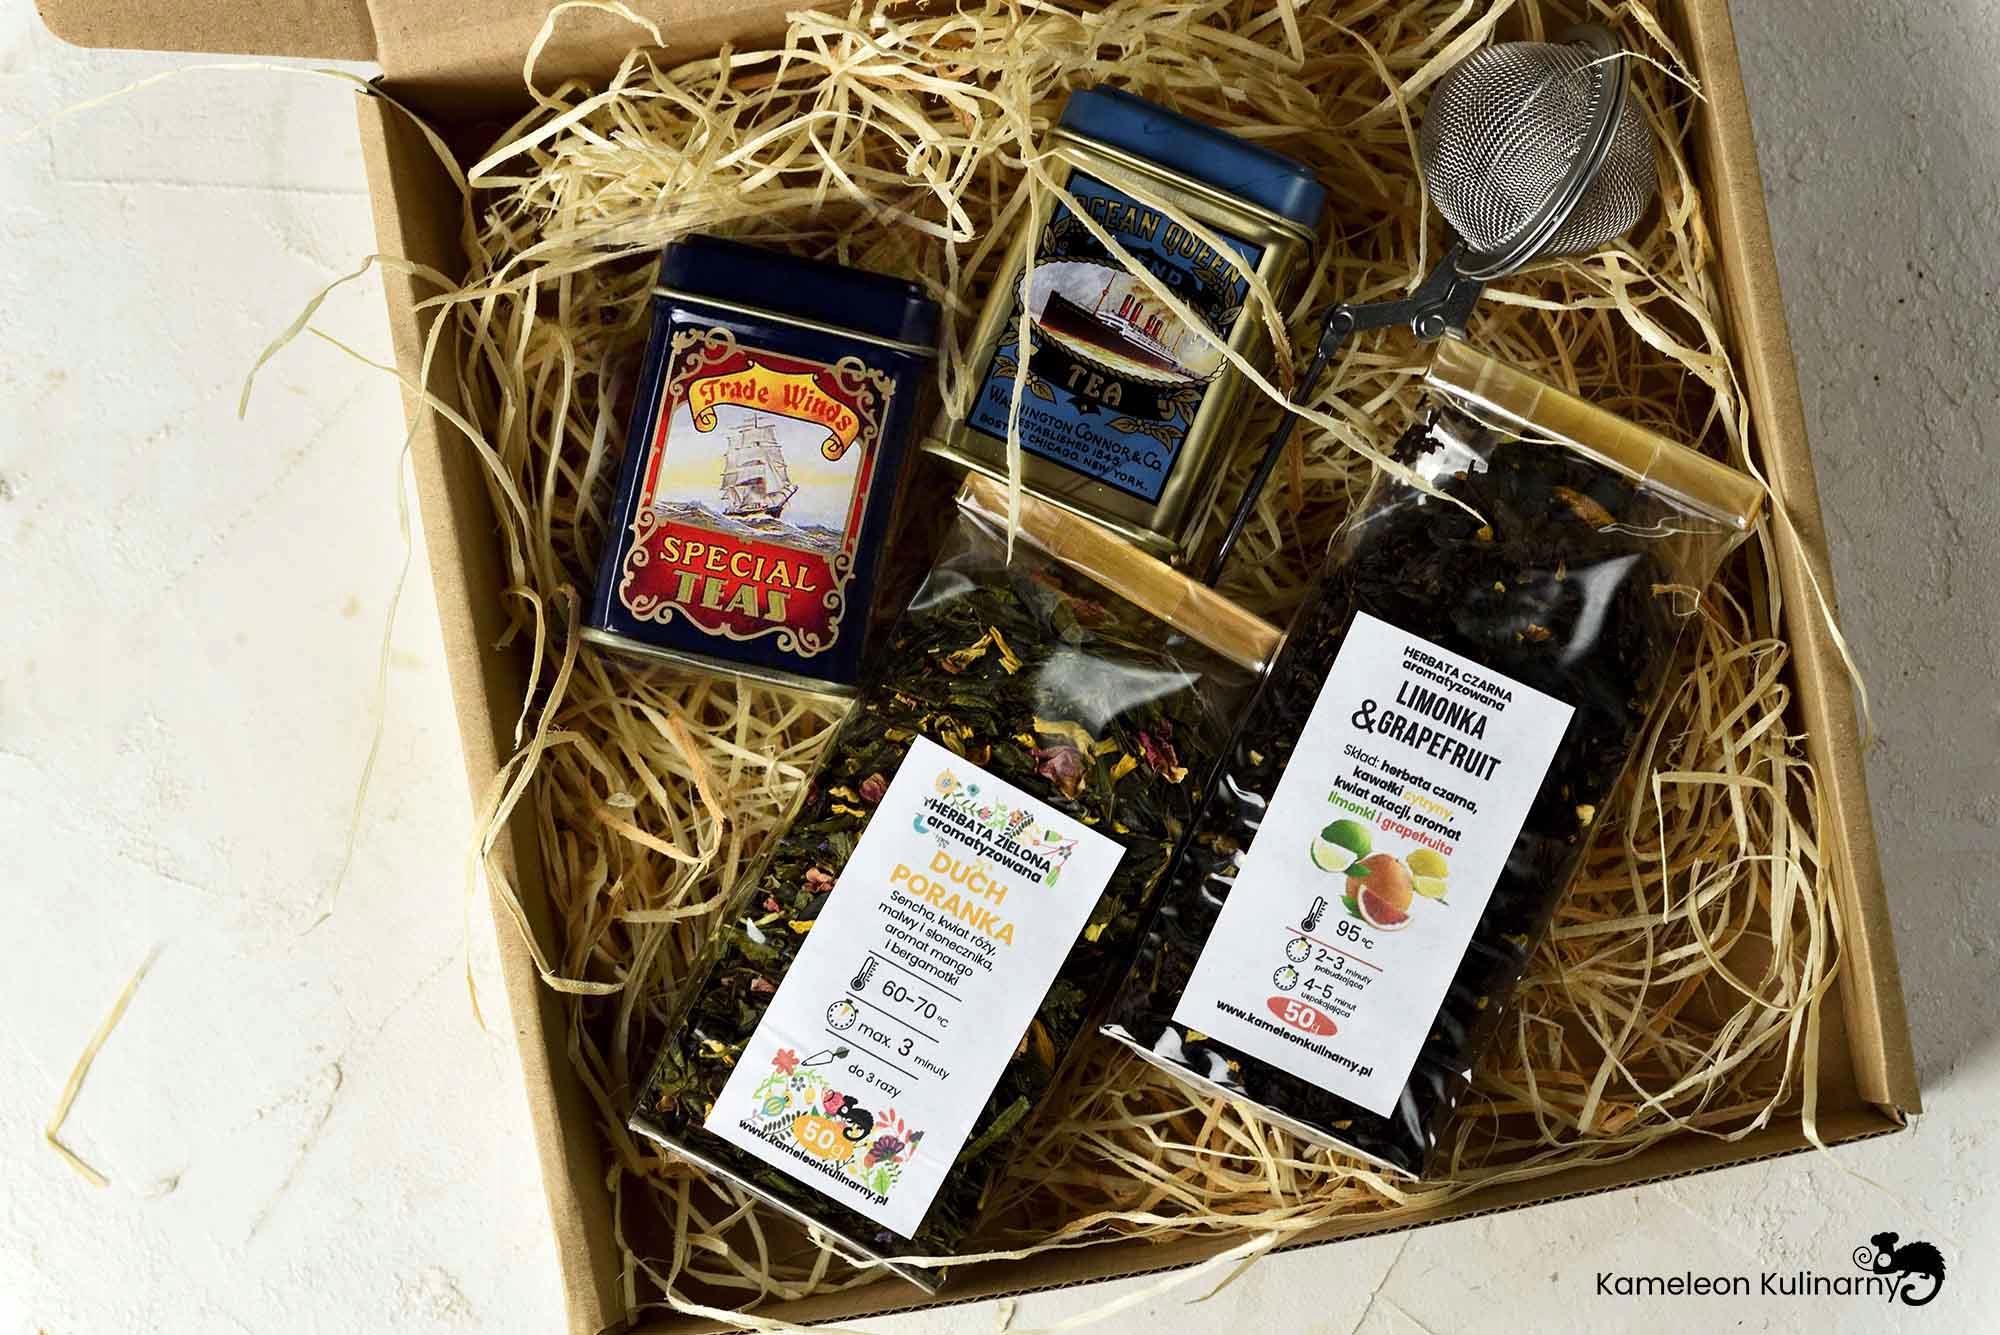 ZESTAW PREZENTOWY 2 herbaty 2 puszki i zaparzacz Nazwa handlowa ZESTAW 2 herbaty + 2 metalowe puszki na herbatę + zaparzacz - KAMELOEN KULIANRNY